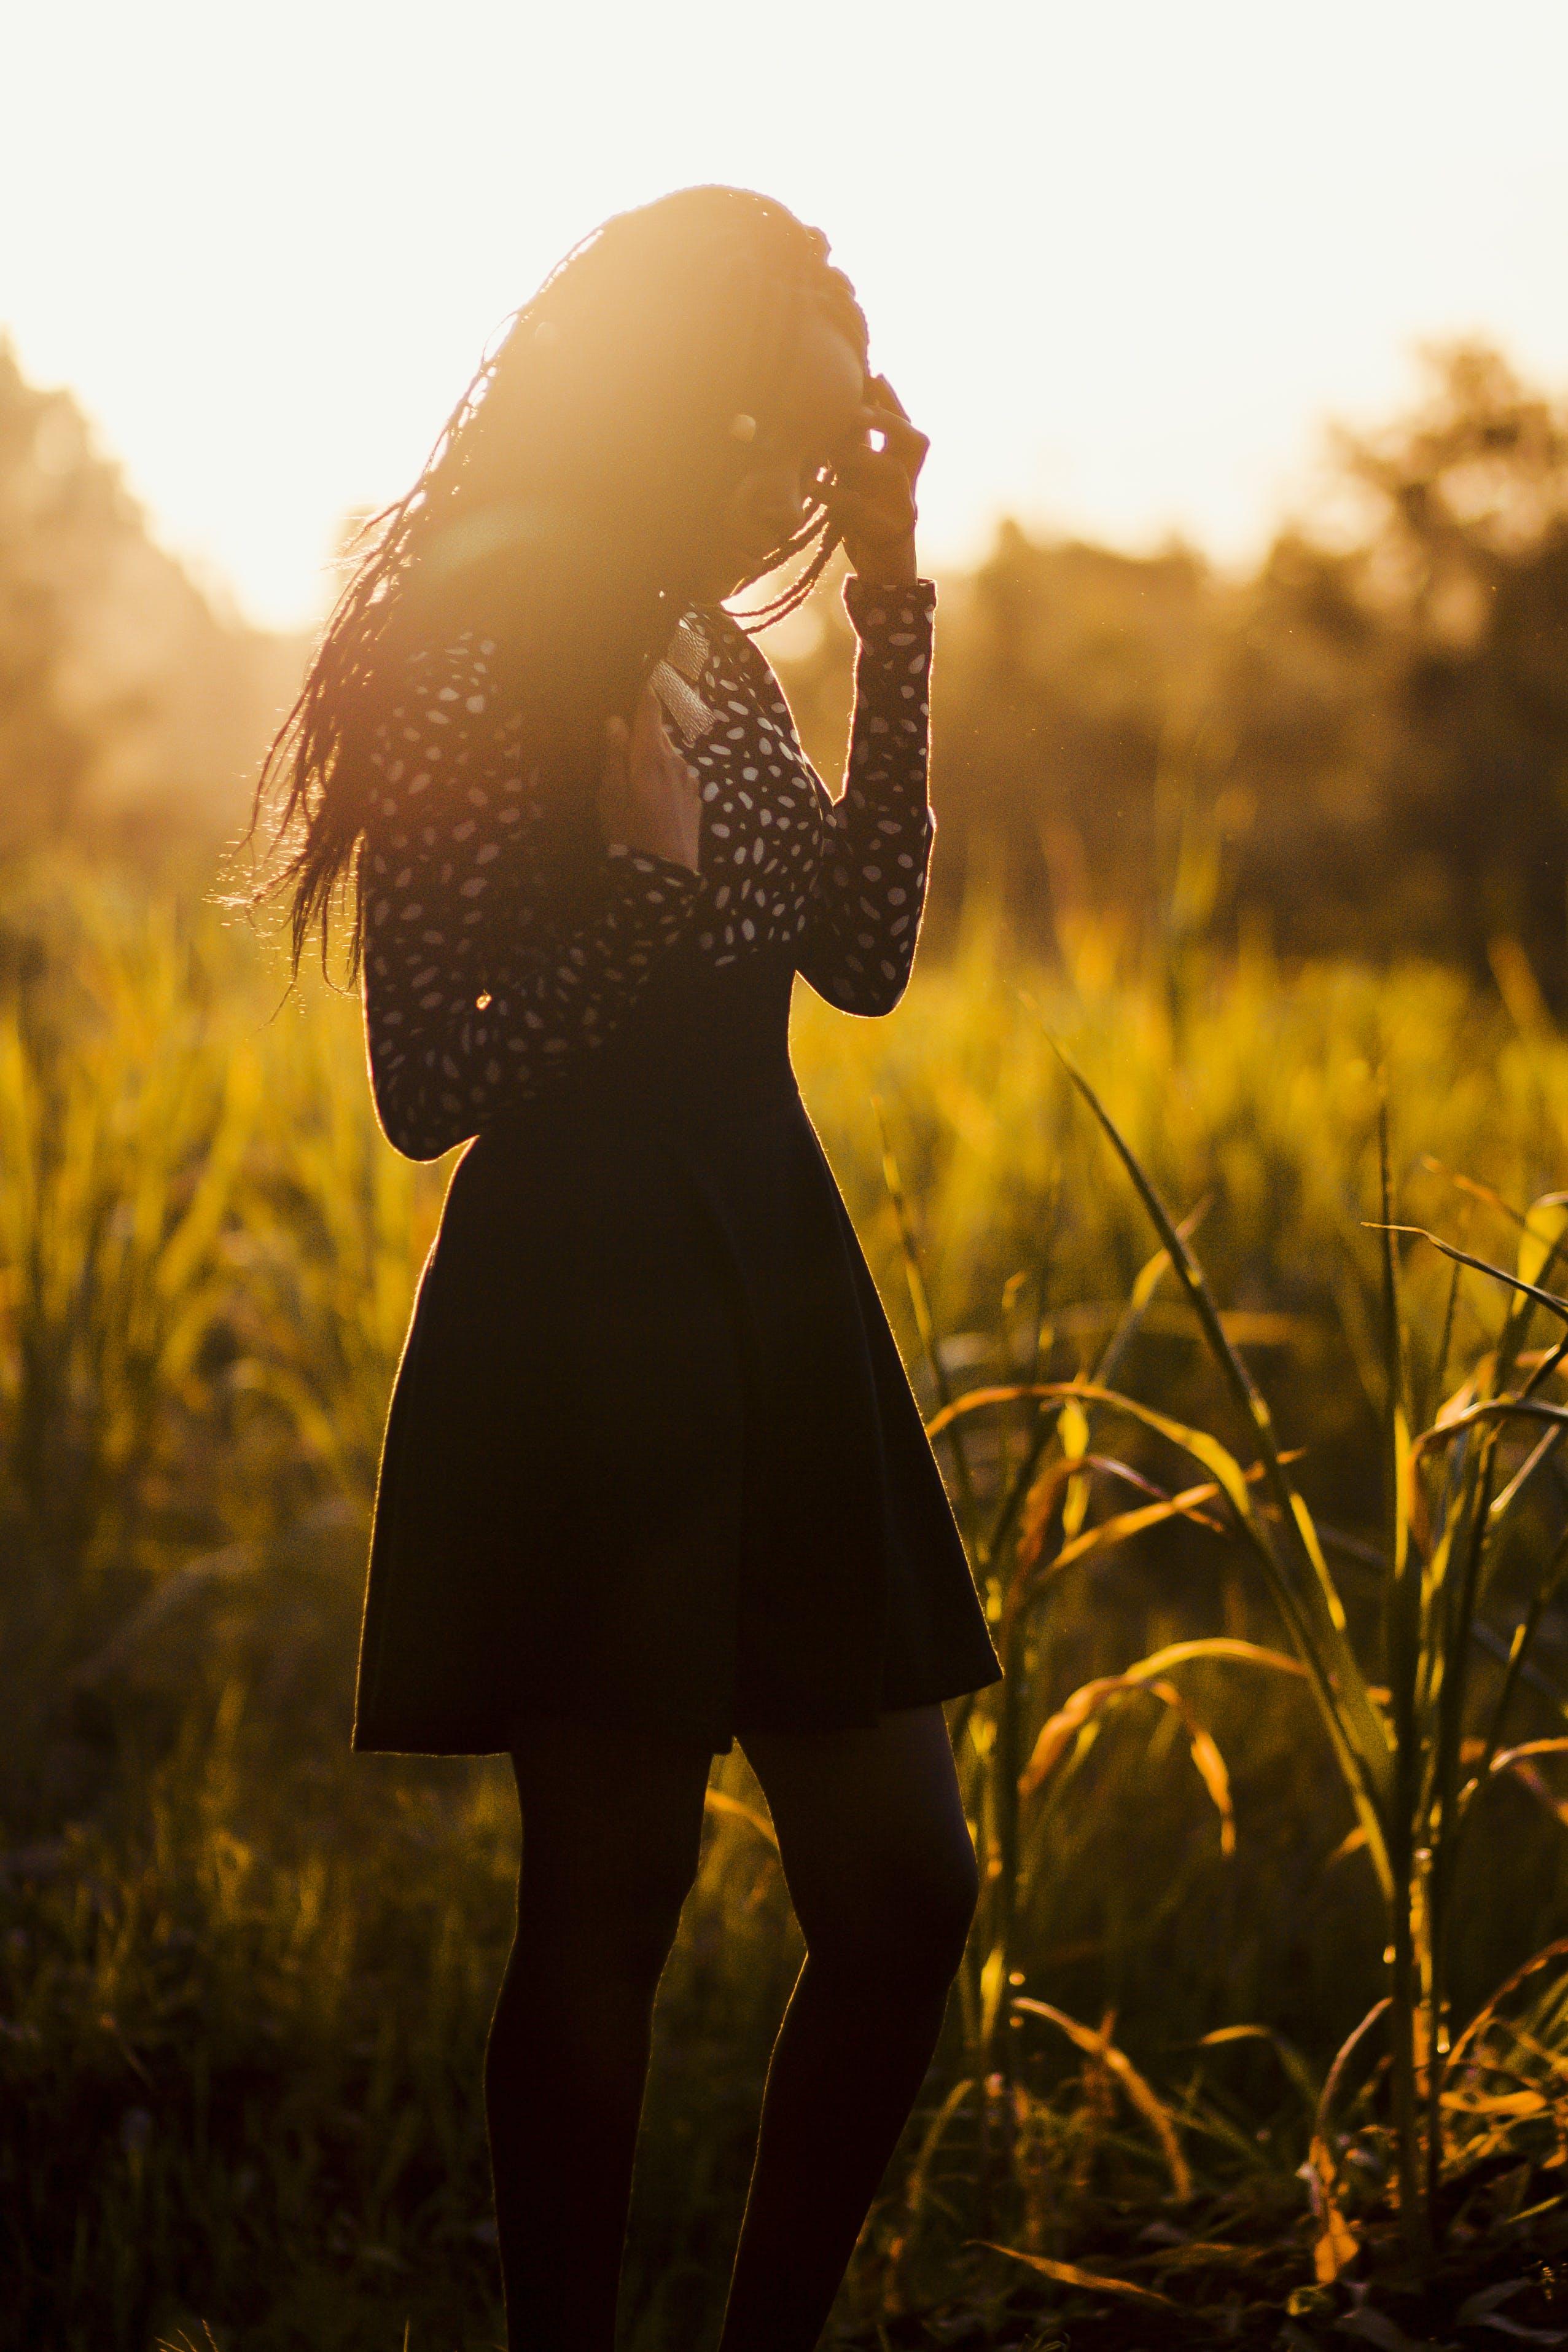 Kostnadsfri bild av flicka, gräs, gyllene, gyllene timmen